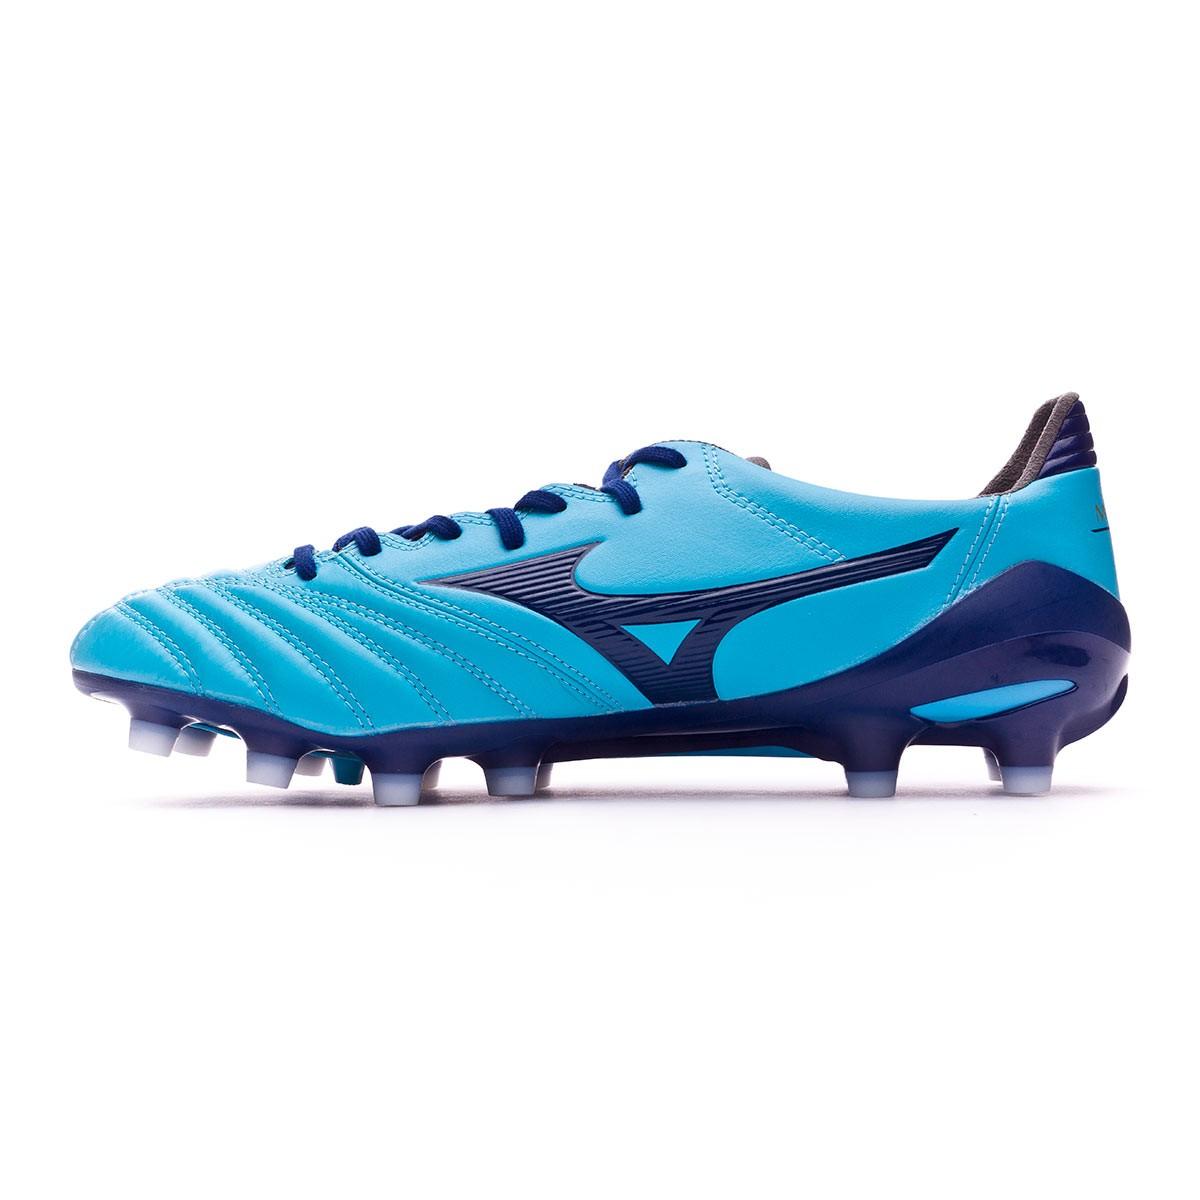 d53bfced193a5 Zapatos de fútbol Mizuno Morelia NEO II MD Blue atomic-Blue depth - Tienda de  fútbol Fútbol Emotion